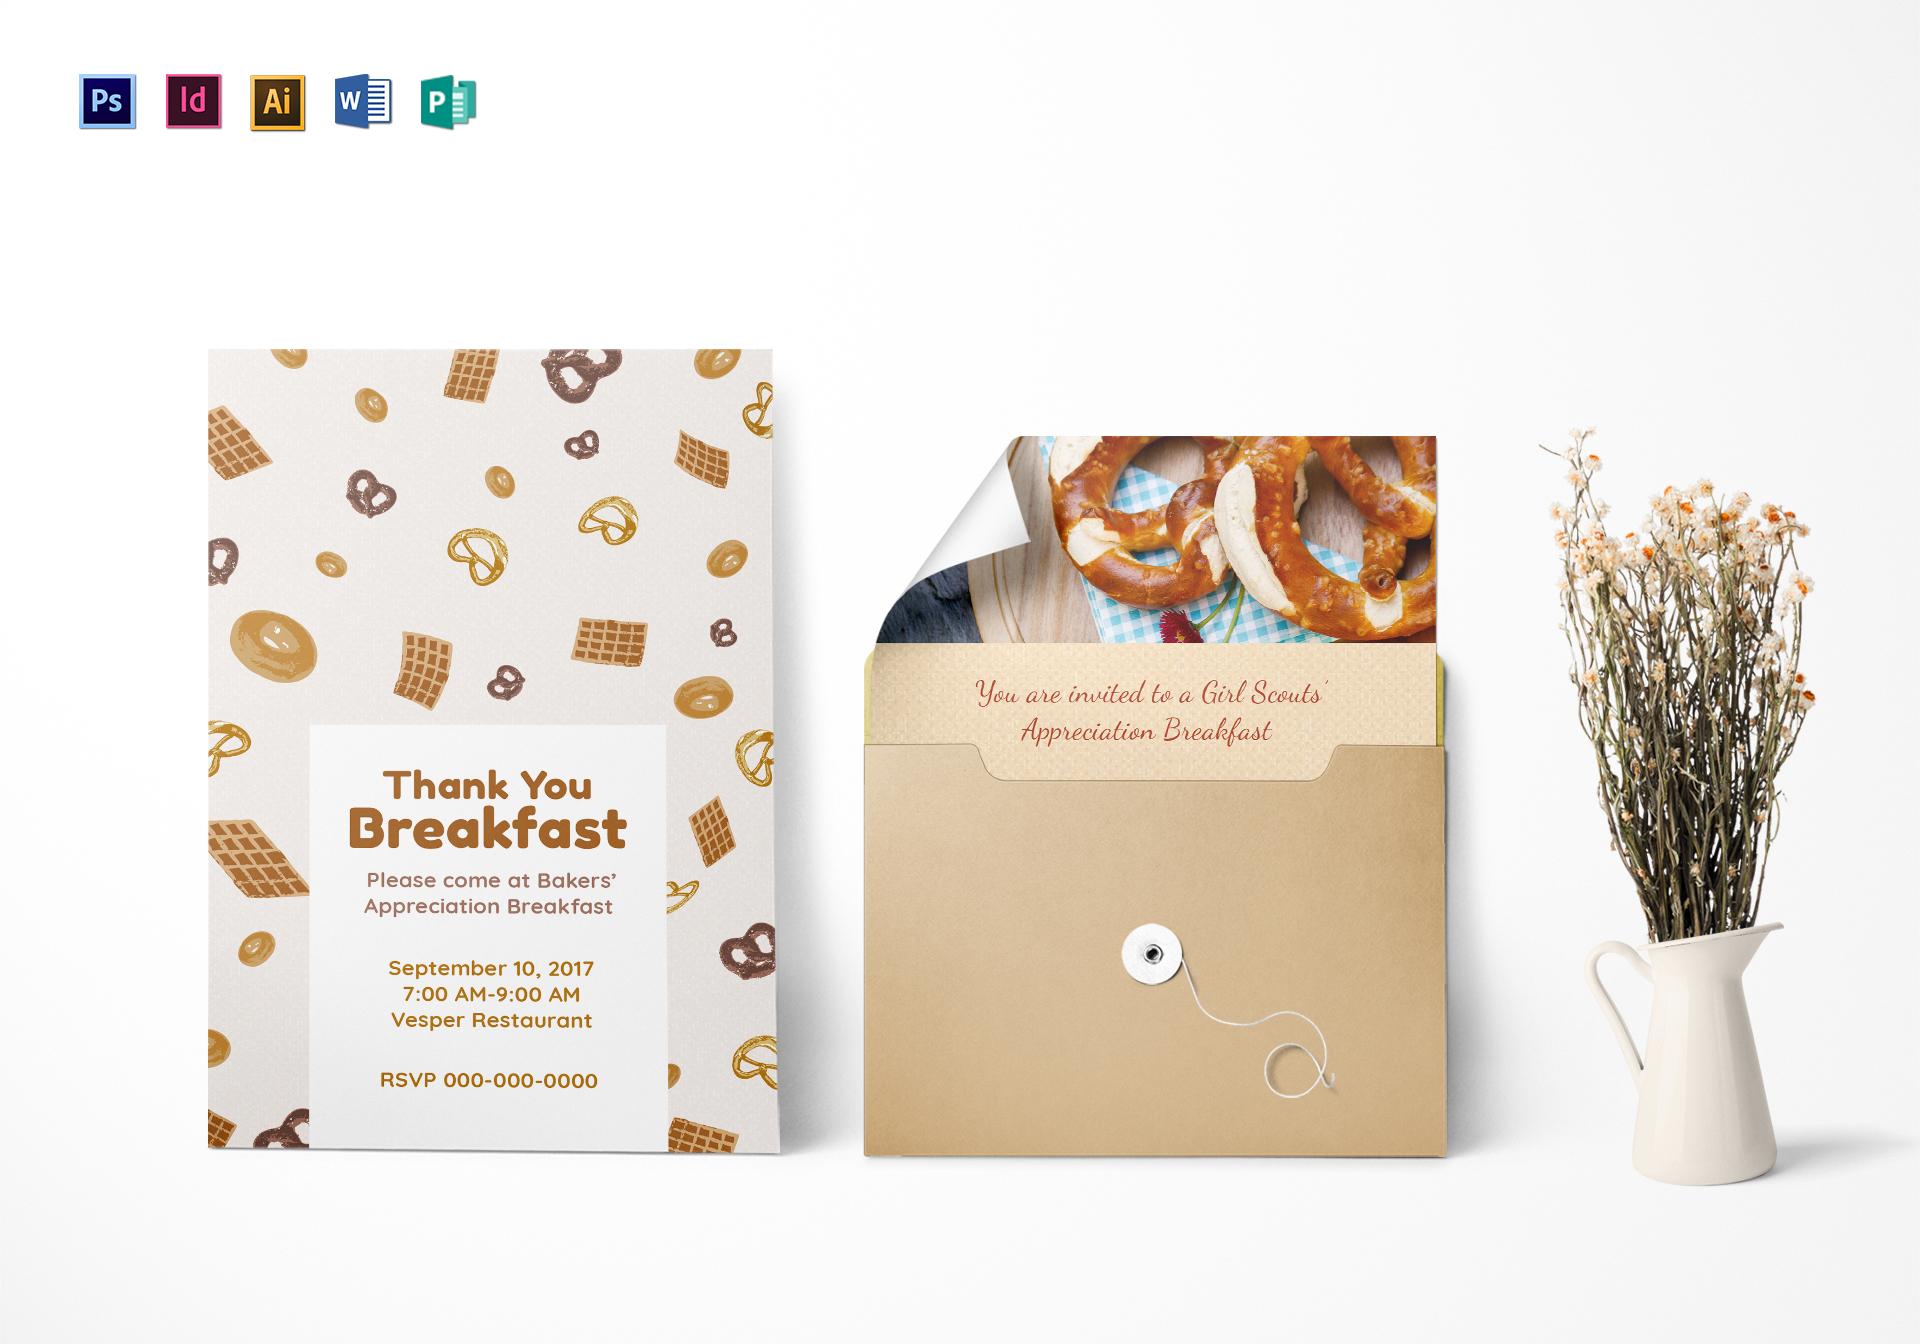 Appreciation Breakfast Invitation